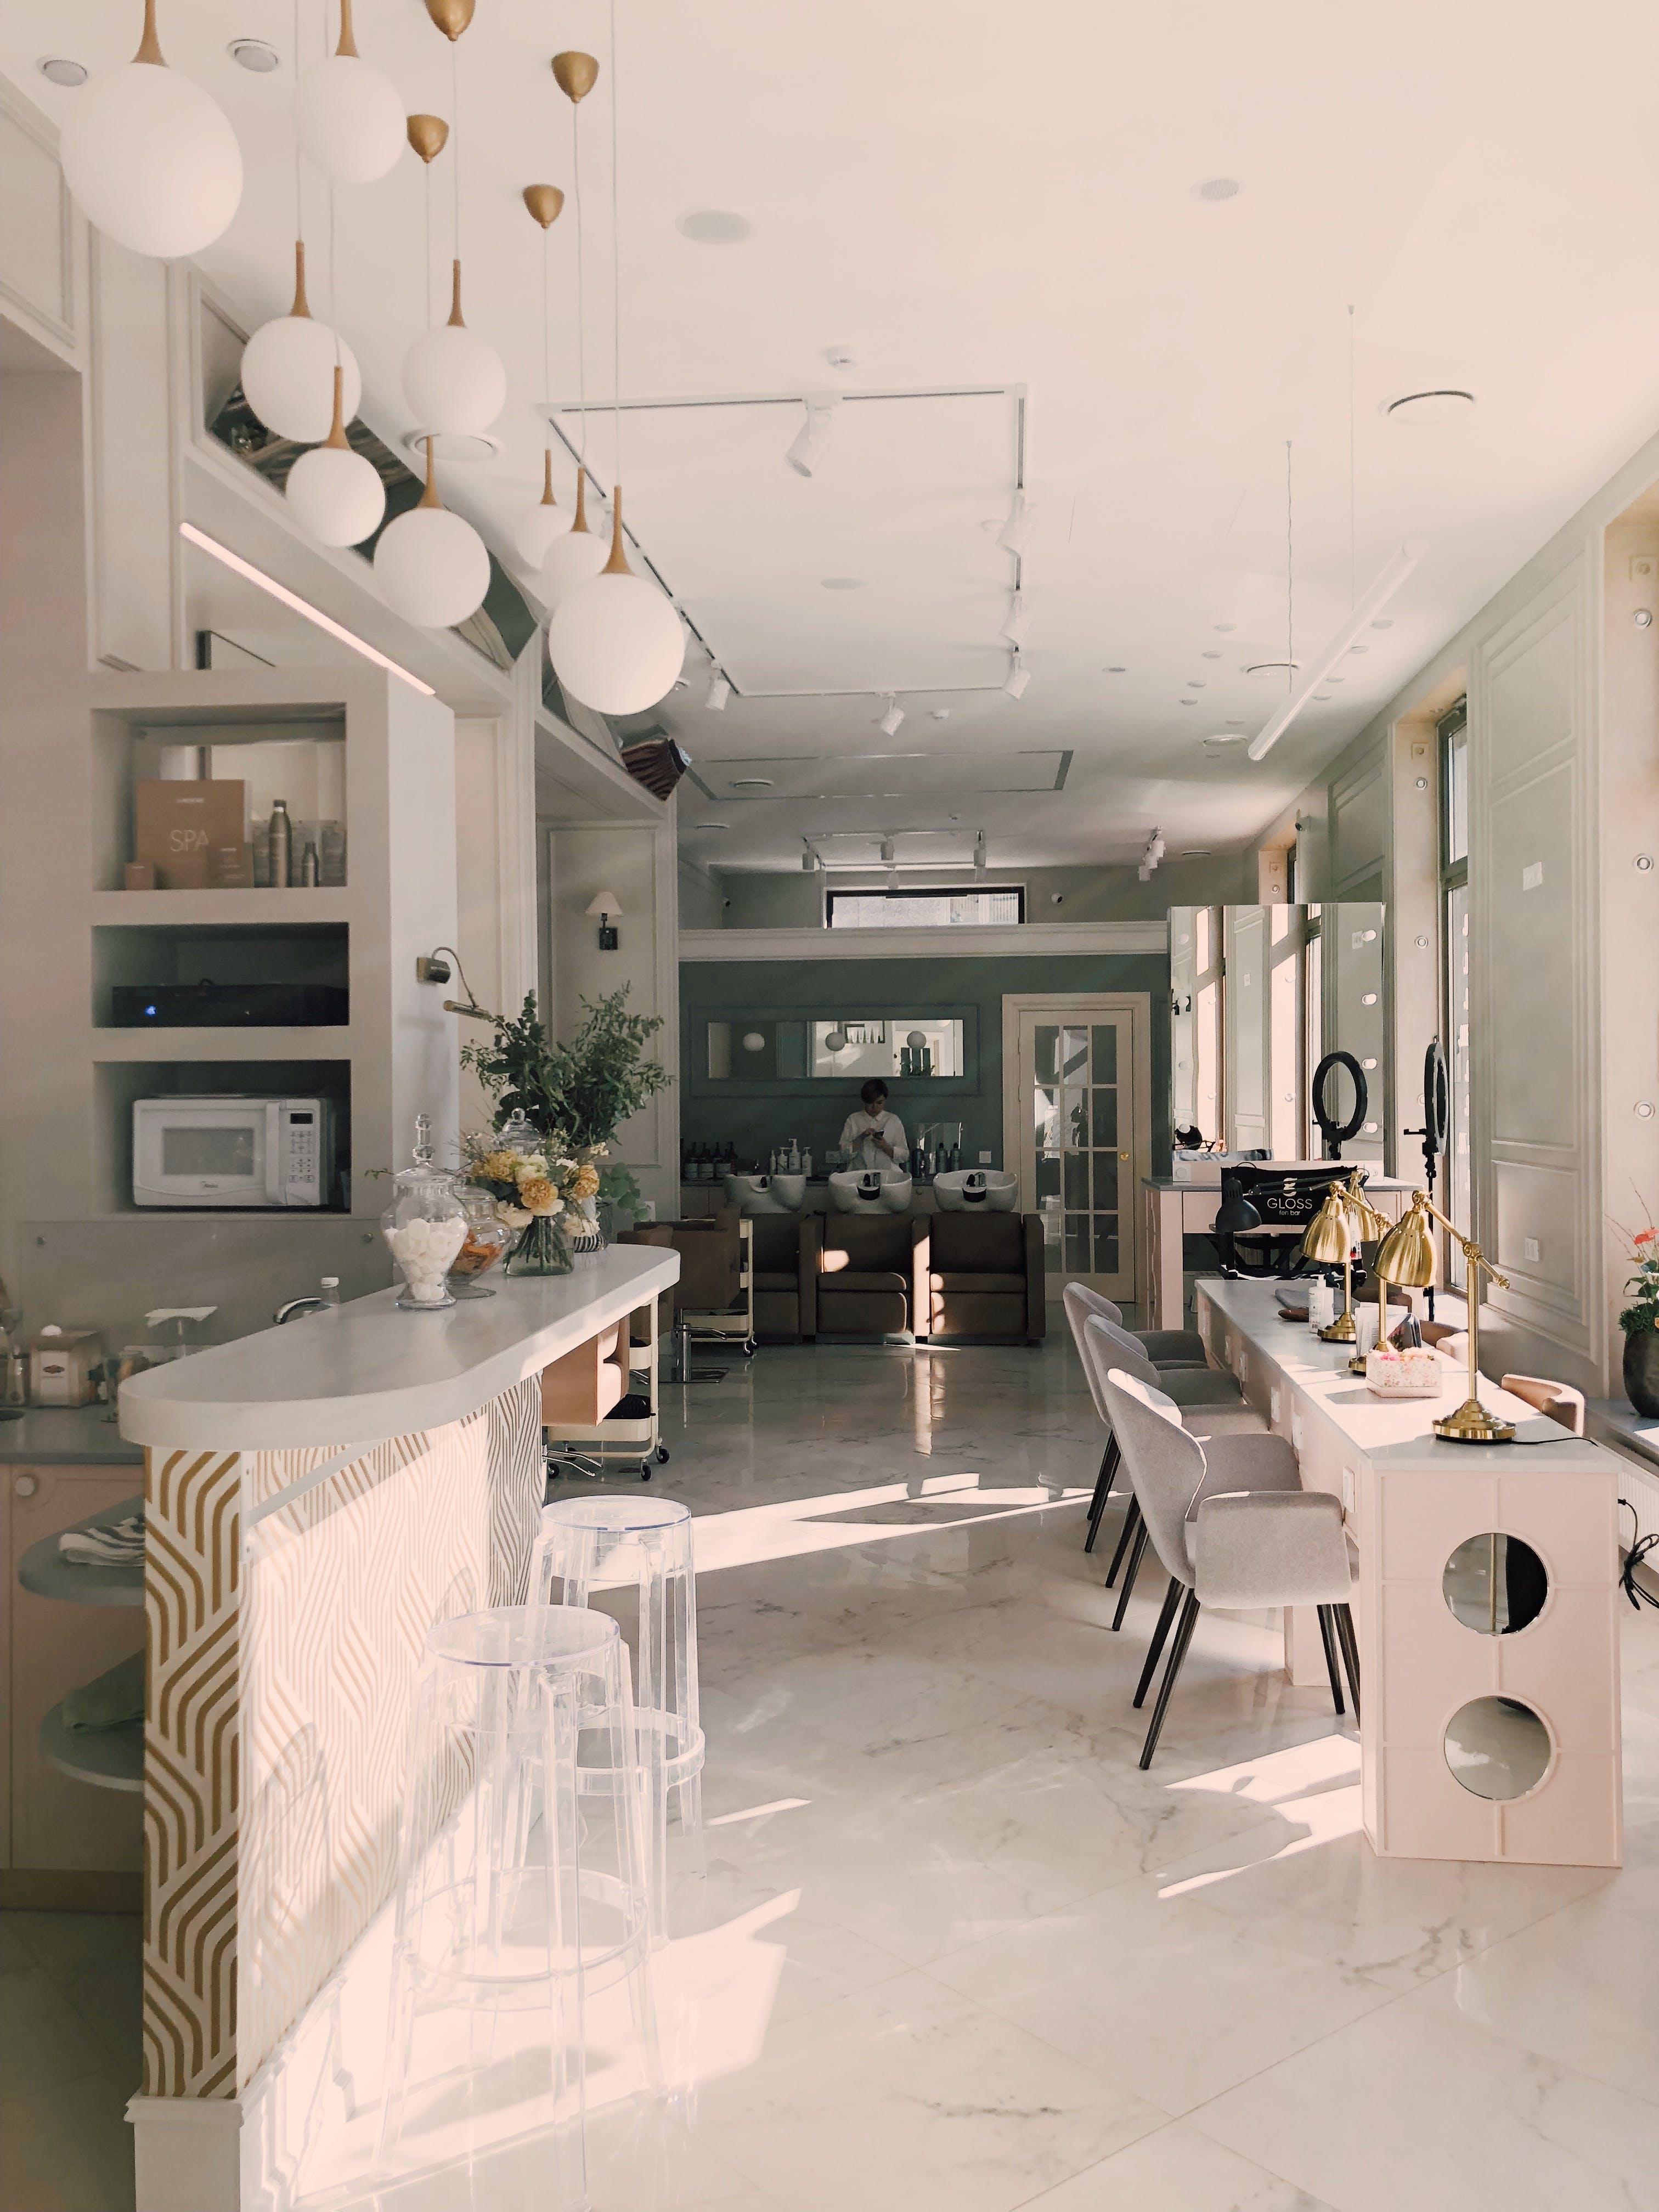 アパート, インテリア・デザイン, インドア, シートの無料の写真素材